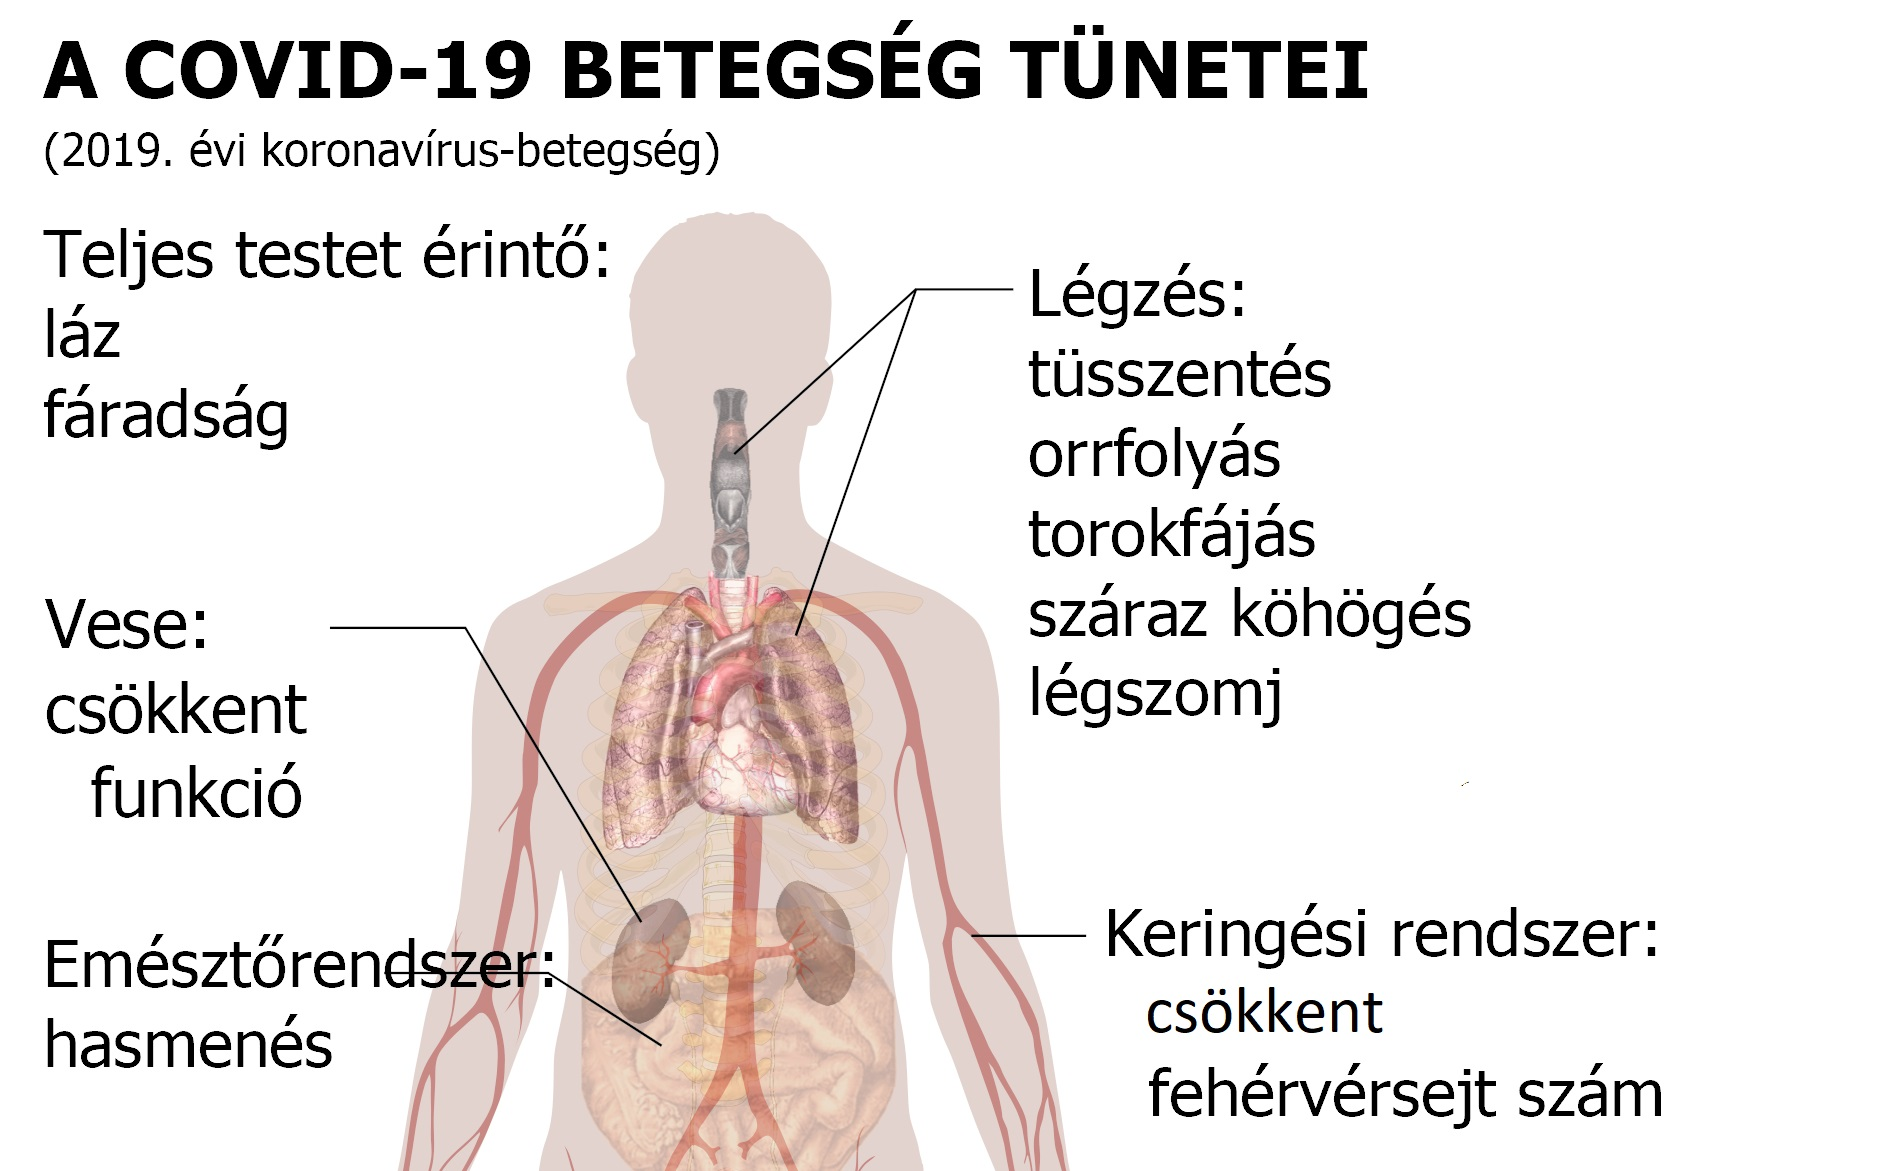 magas vérnyomás köhögés nélkül)